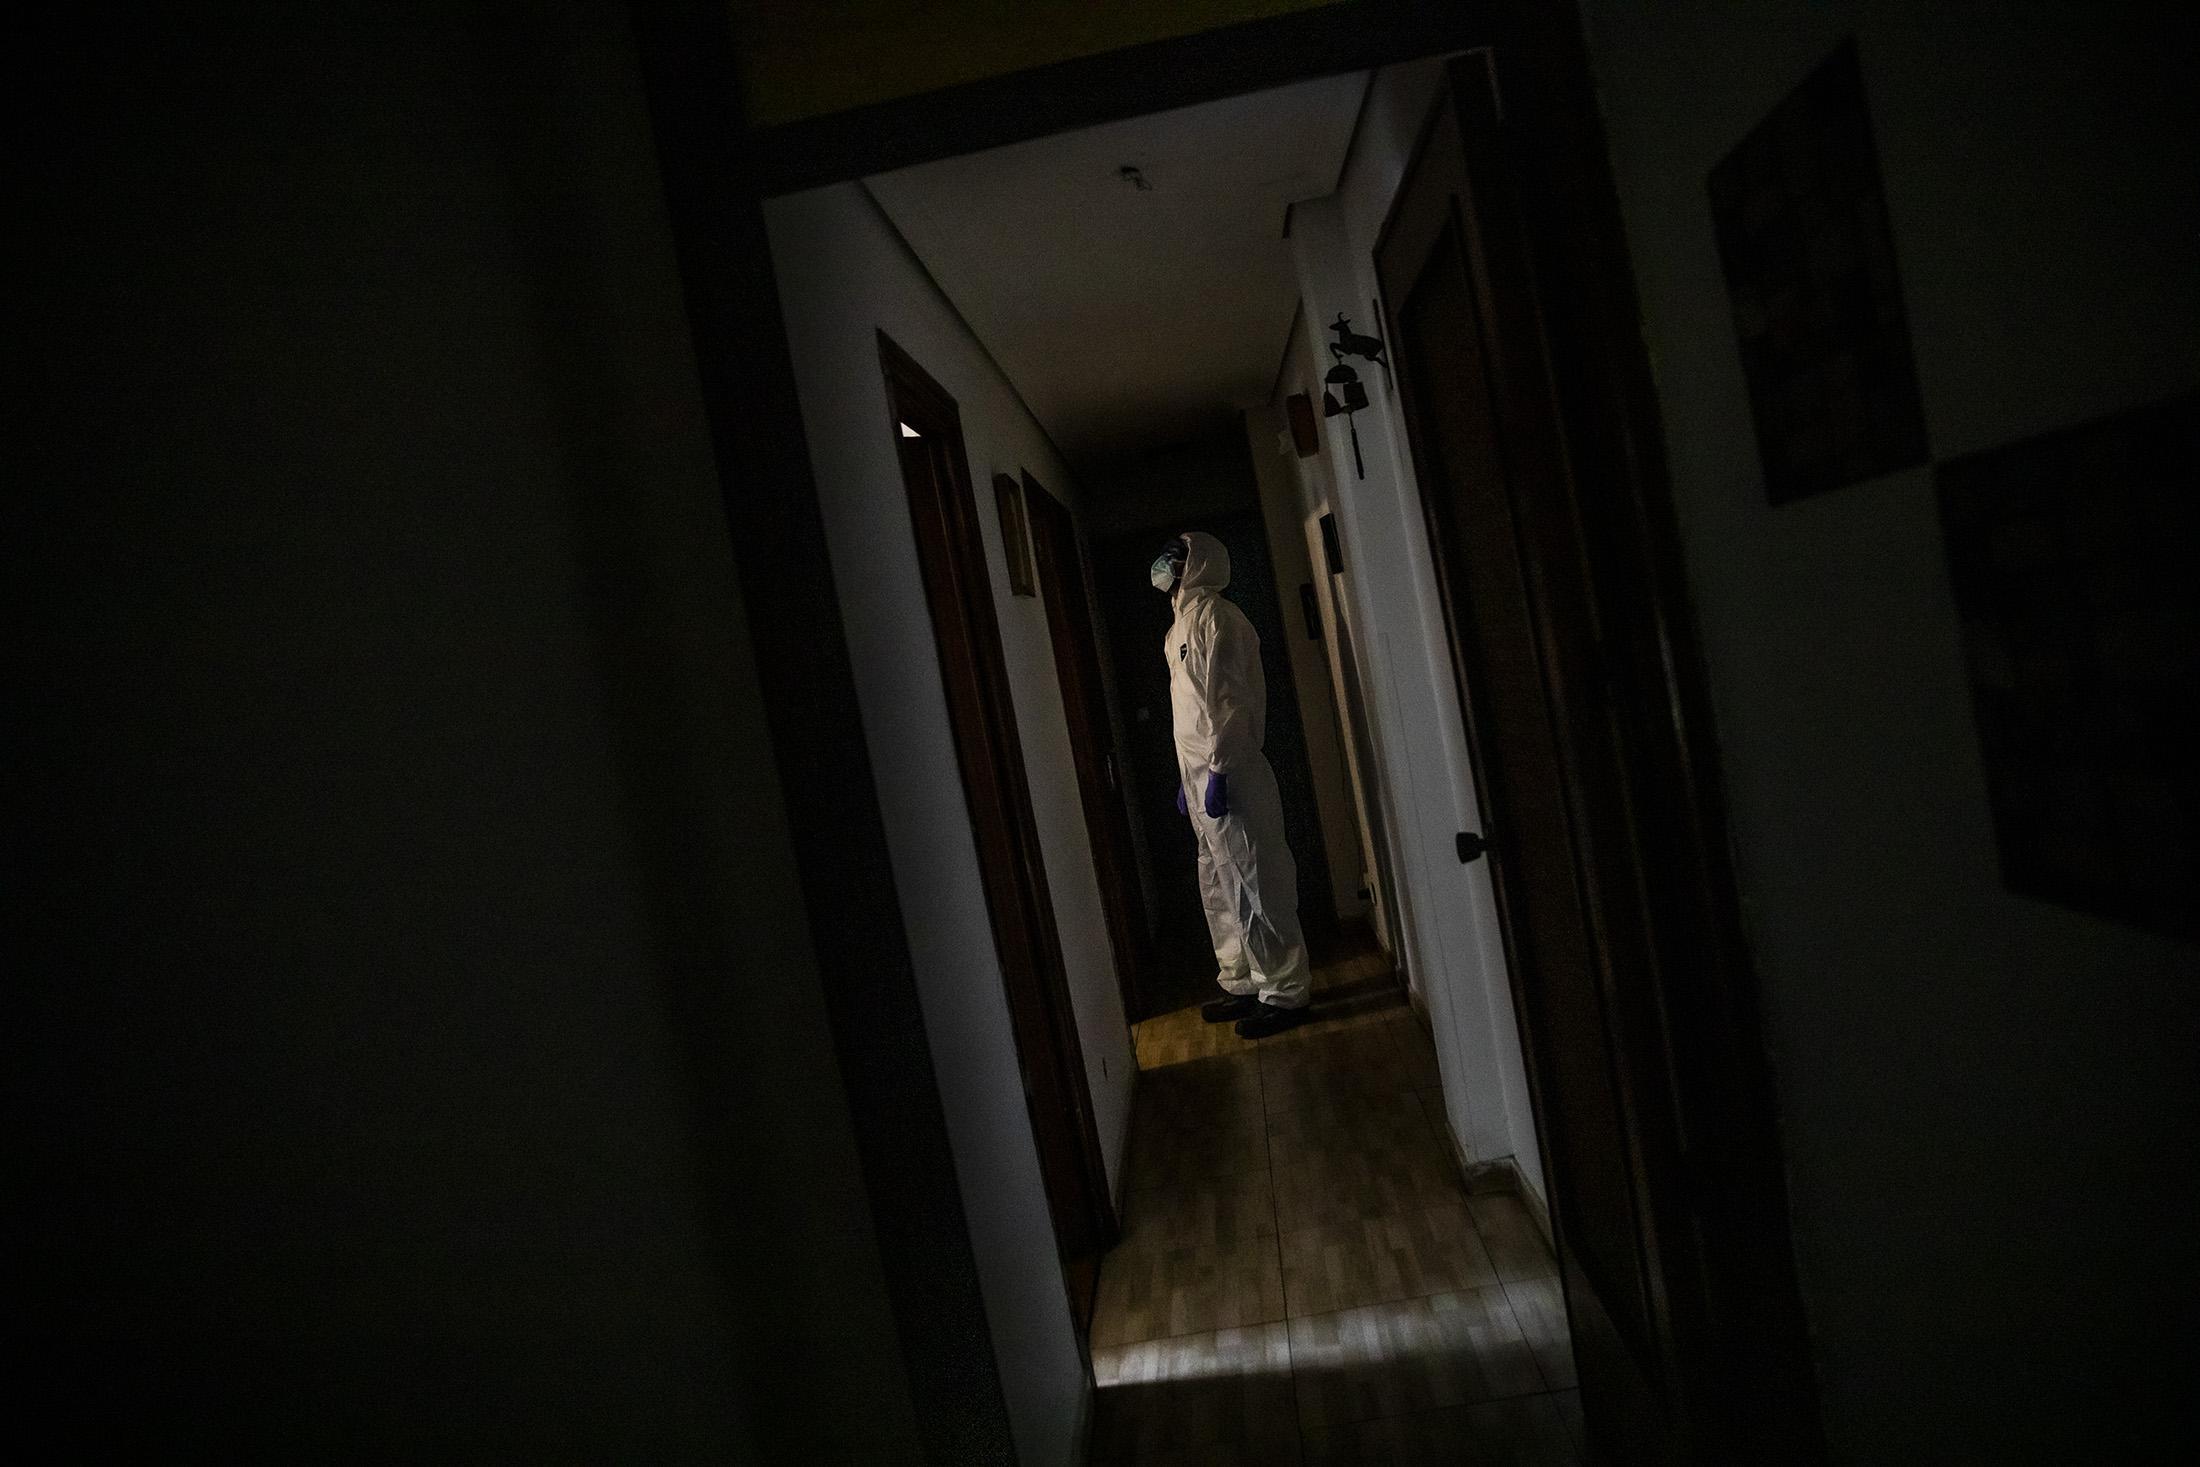 Carlos Rubio, mŽdico de la UVI-8 del SUMMA interviene en el domicilio de Fabio, colombiano de 73 a–os por posible contagio de COVID-19